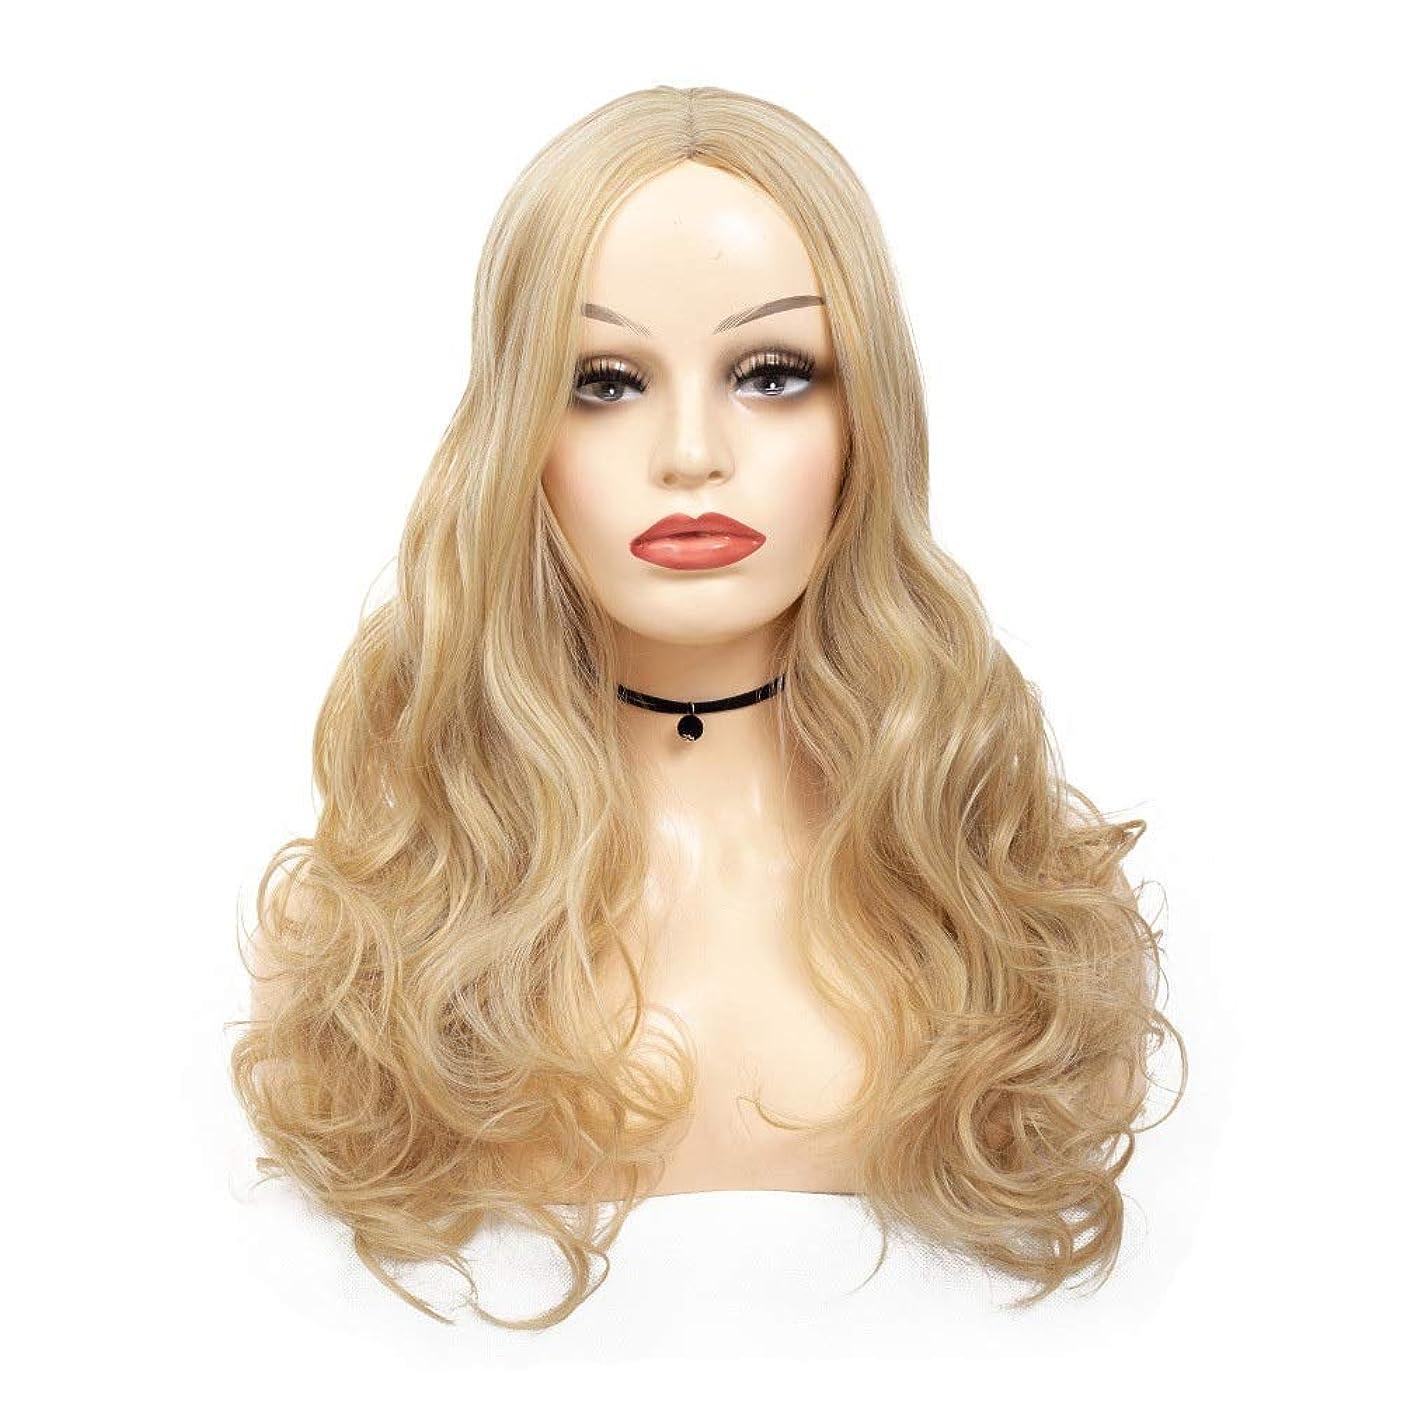 パキスタン人寝室肘かつら 長いブロンドのかつら高温かつら実体波長い波状の女性合成かつらブロンドのかつら巻き毛のかつらかつらパーティーかつら (色 : Blonde, サイズ : 70cm)